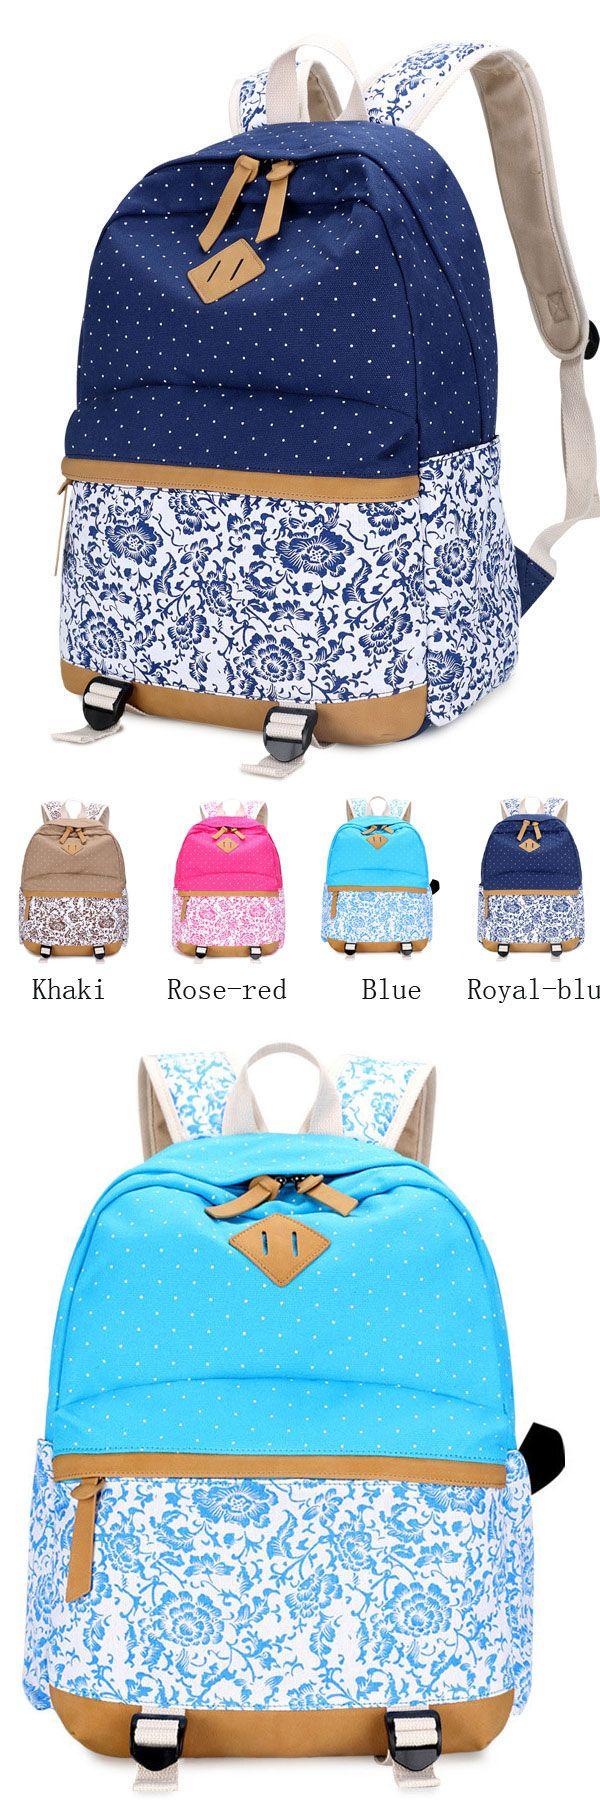 Vintage Fresh Floral Polka Dot Canvas Travel Backpack Leisure Backpack&Schoolbag